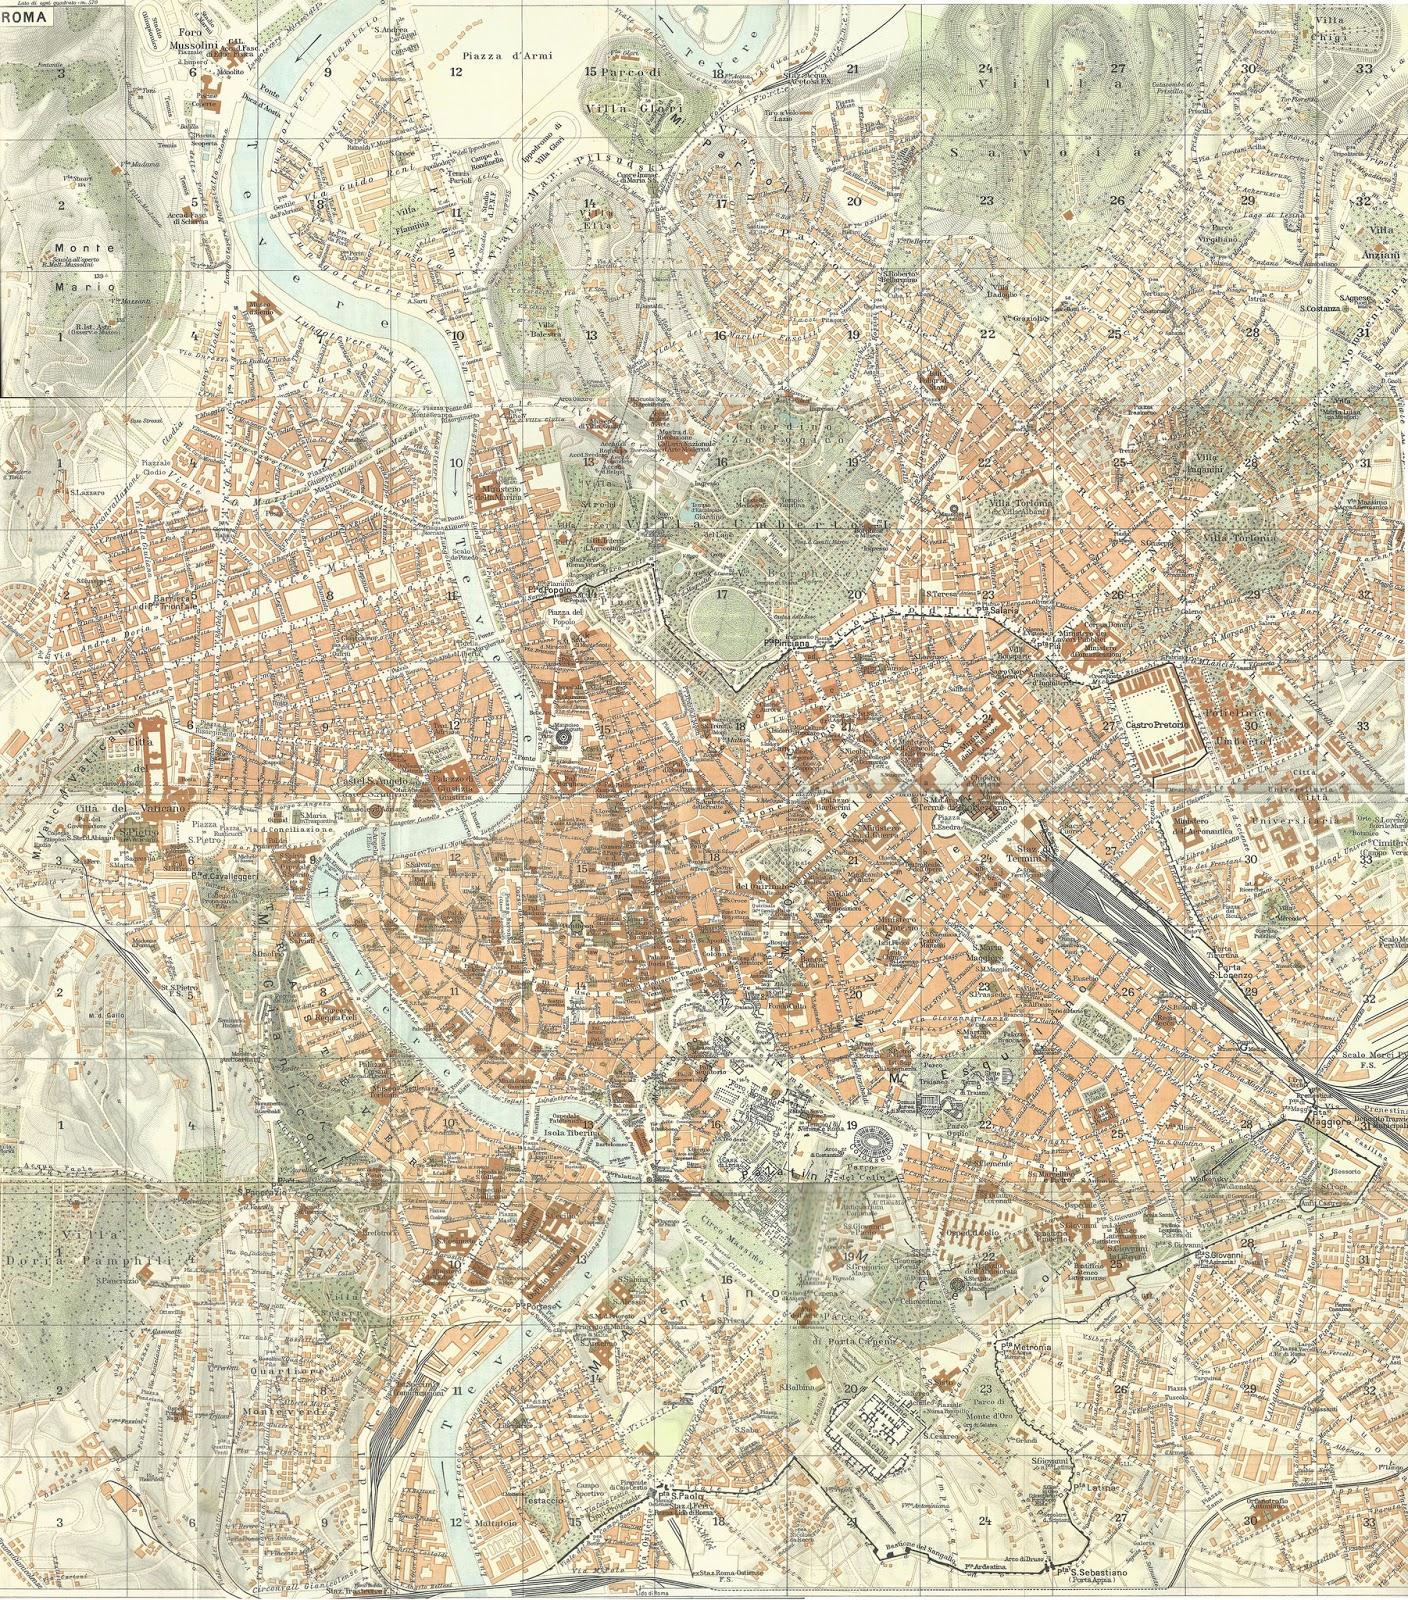 Cartina D Roma.Rerum Romanarum Mappa Di Roma Del Touring Club Italiano Del 1939